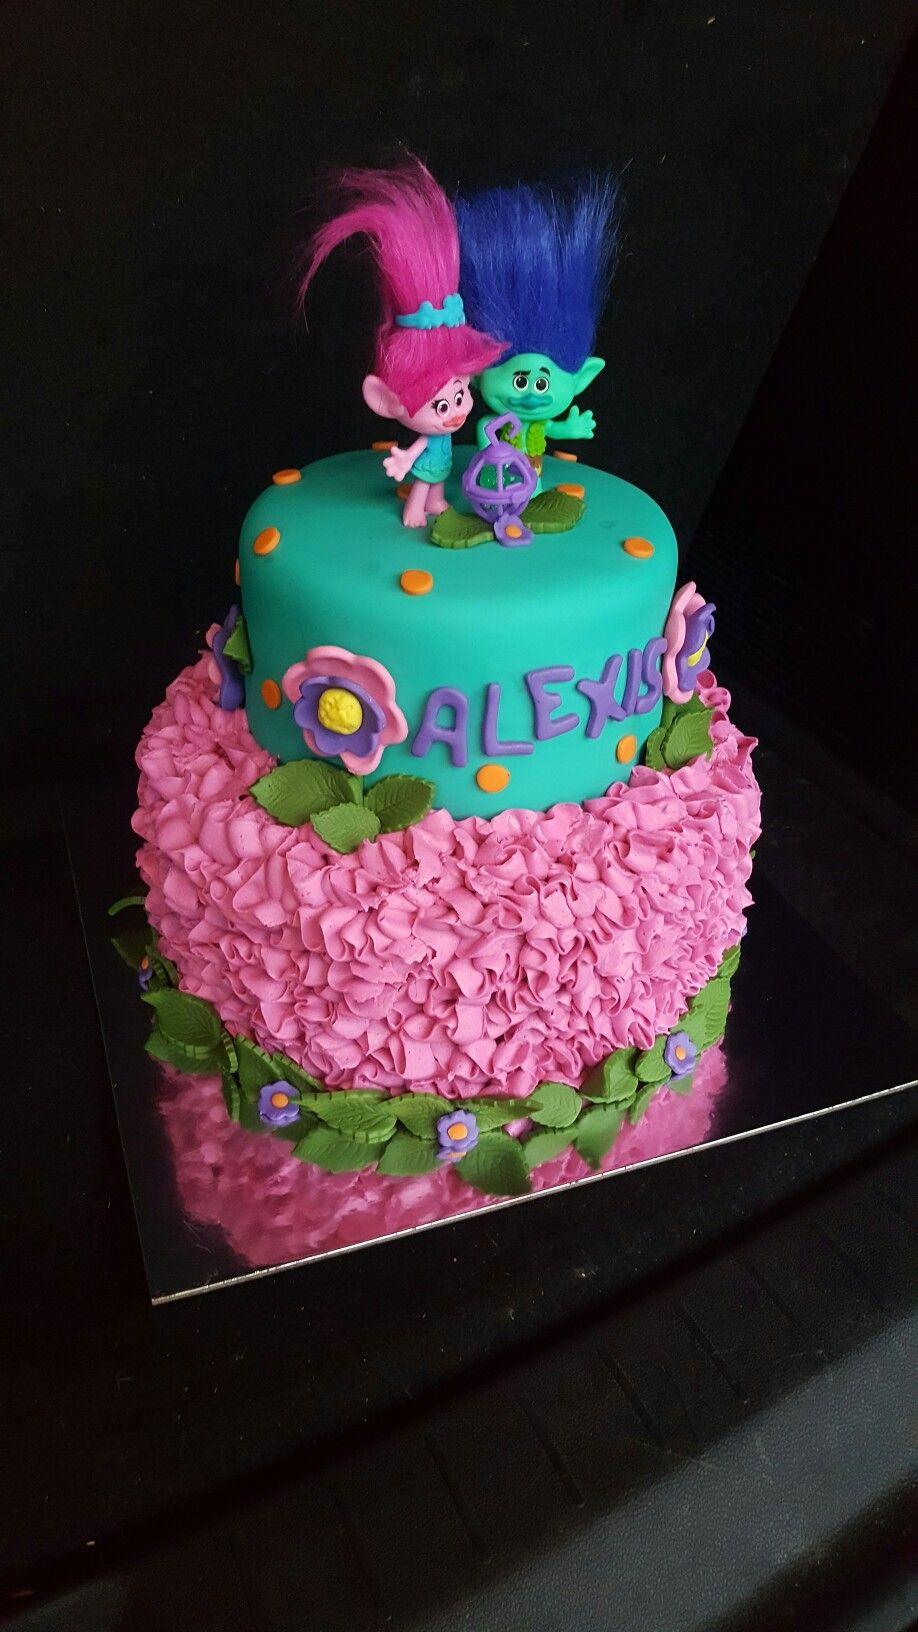 Dreamworks Trolls Cake By Cakes By Zoie Trolls Birthday Cake Trolls Cake Trolls Birthday